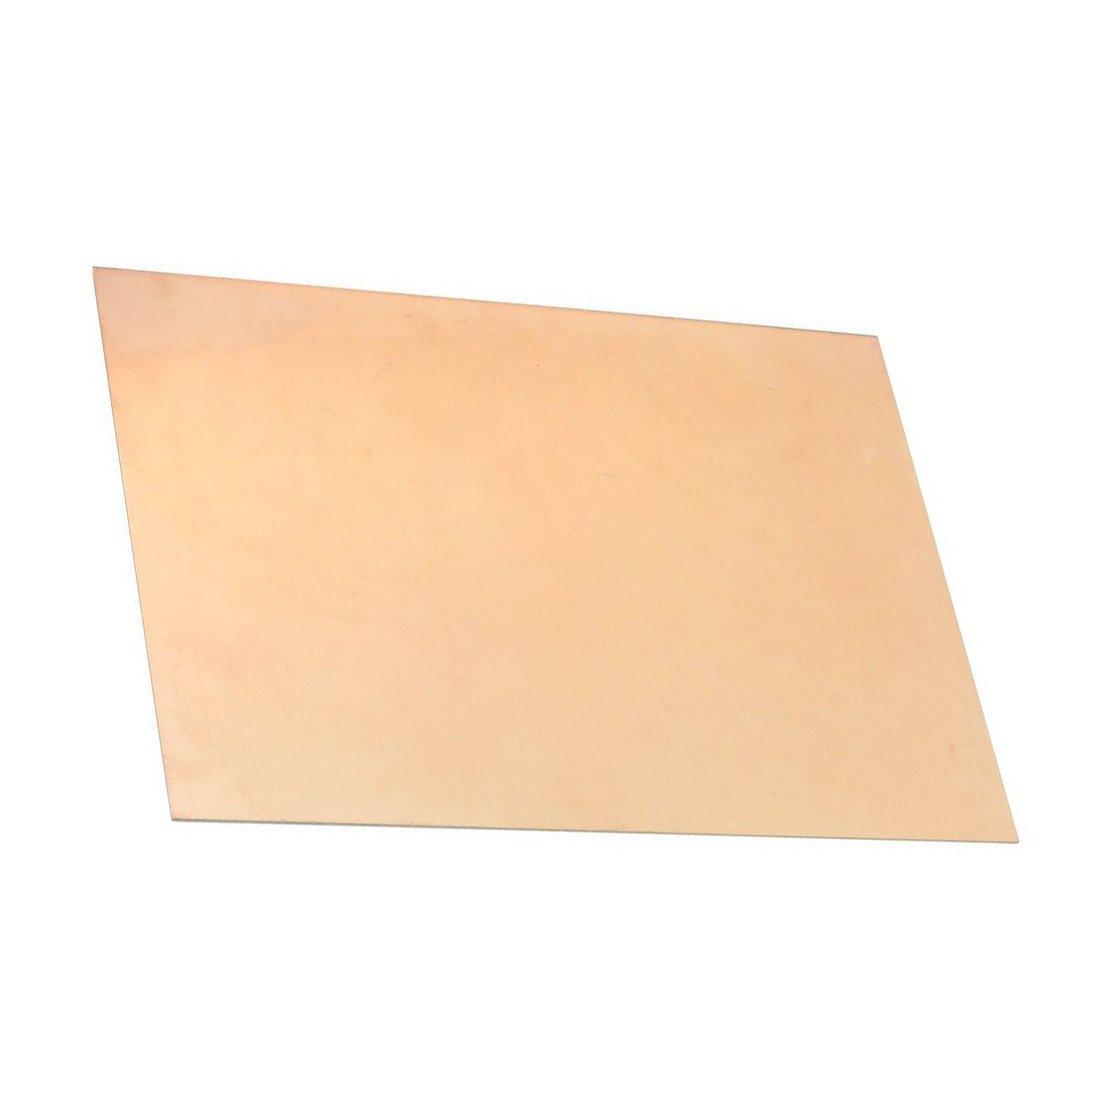 Semoic 30cm x 20cm Una cara DIY Placa de circuito PCB laminado de revestimiento de cobre